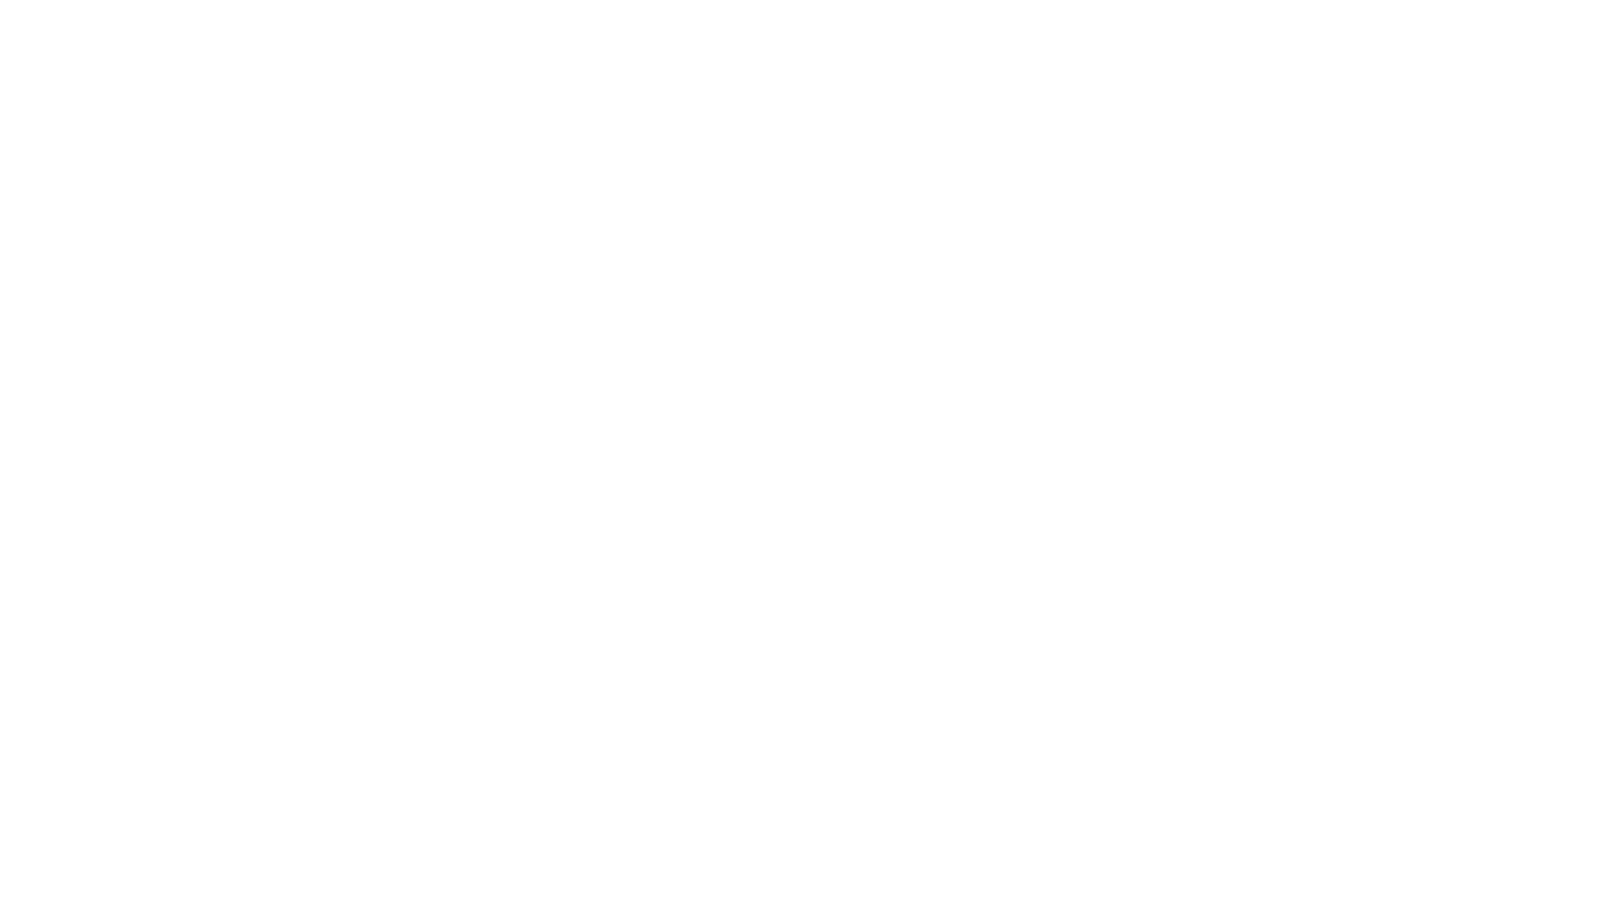 Palestrantes: Profa. Dra. Ana Carolina Pitangui - Colegiado de Fisioterapia/UPECampusPetrolina e Prof. Dr. Thiago Alves Dias - Colegiado de História/UPECampusPetrolina